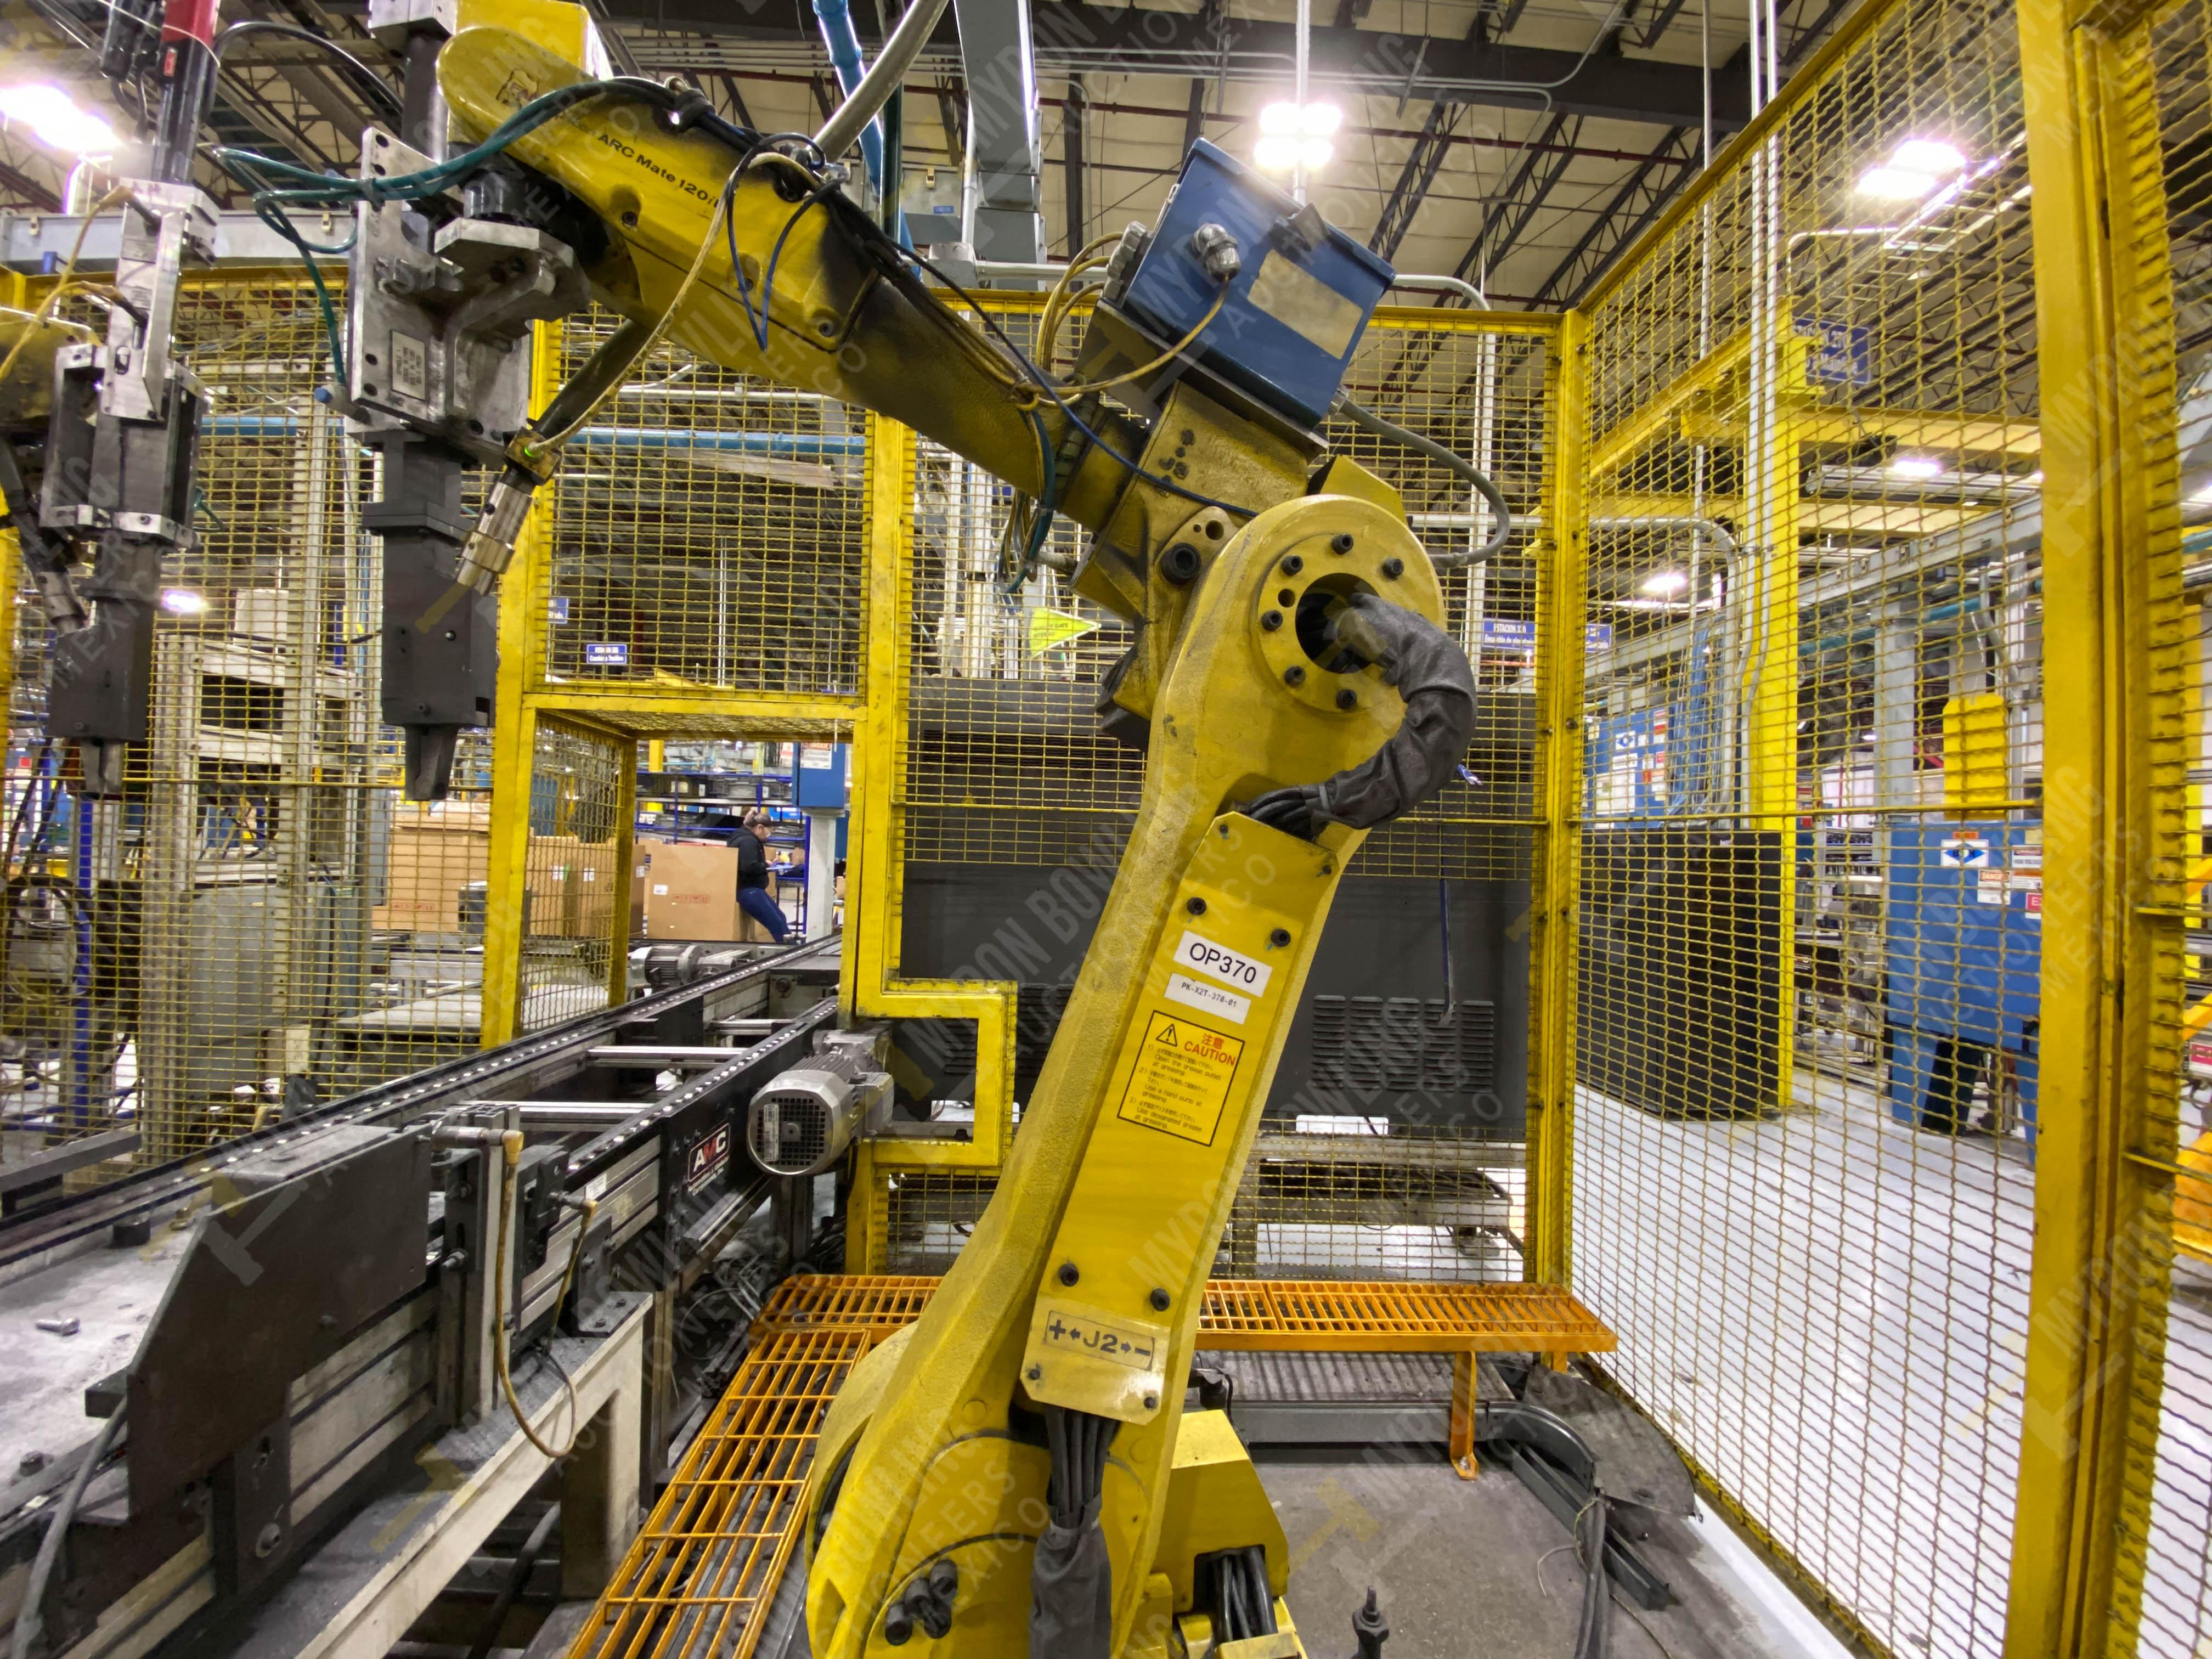 Robot con capacidad de carga de 15-30 Kg, controlador de robot y teach pendant - Image 2 of 17